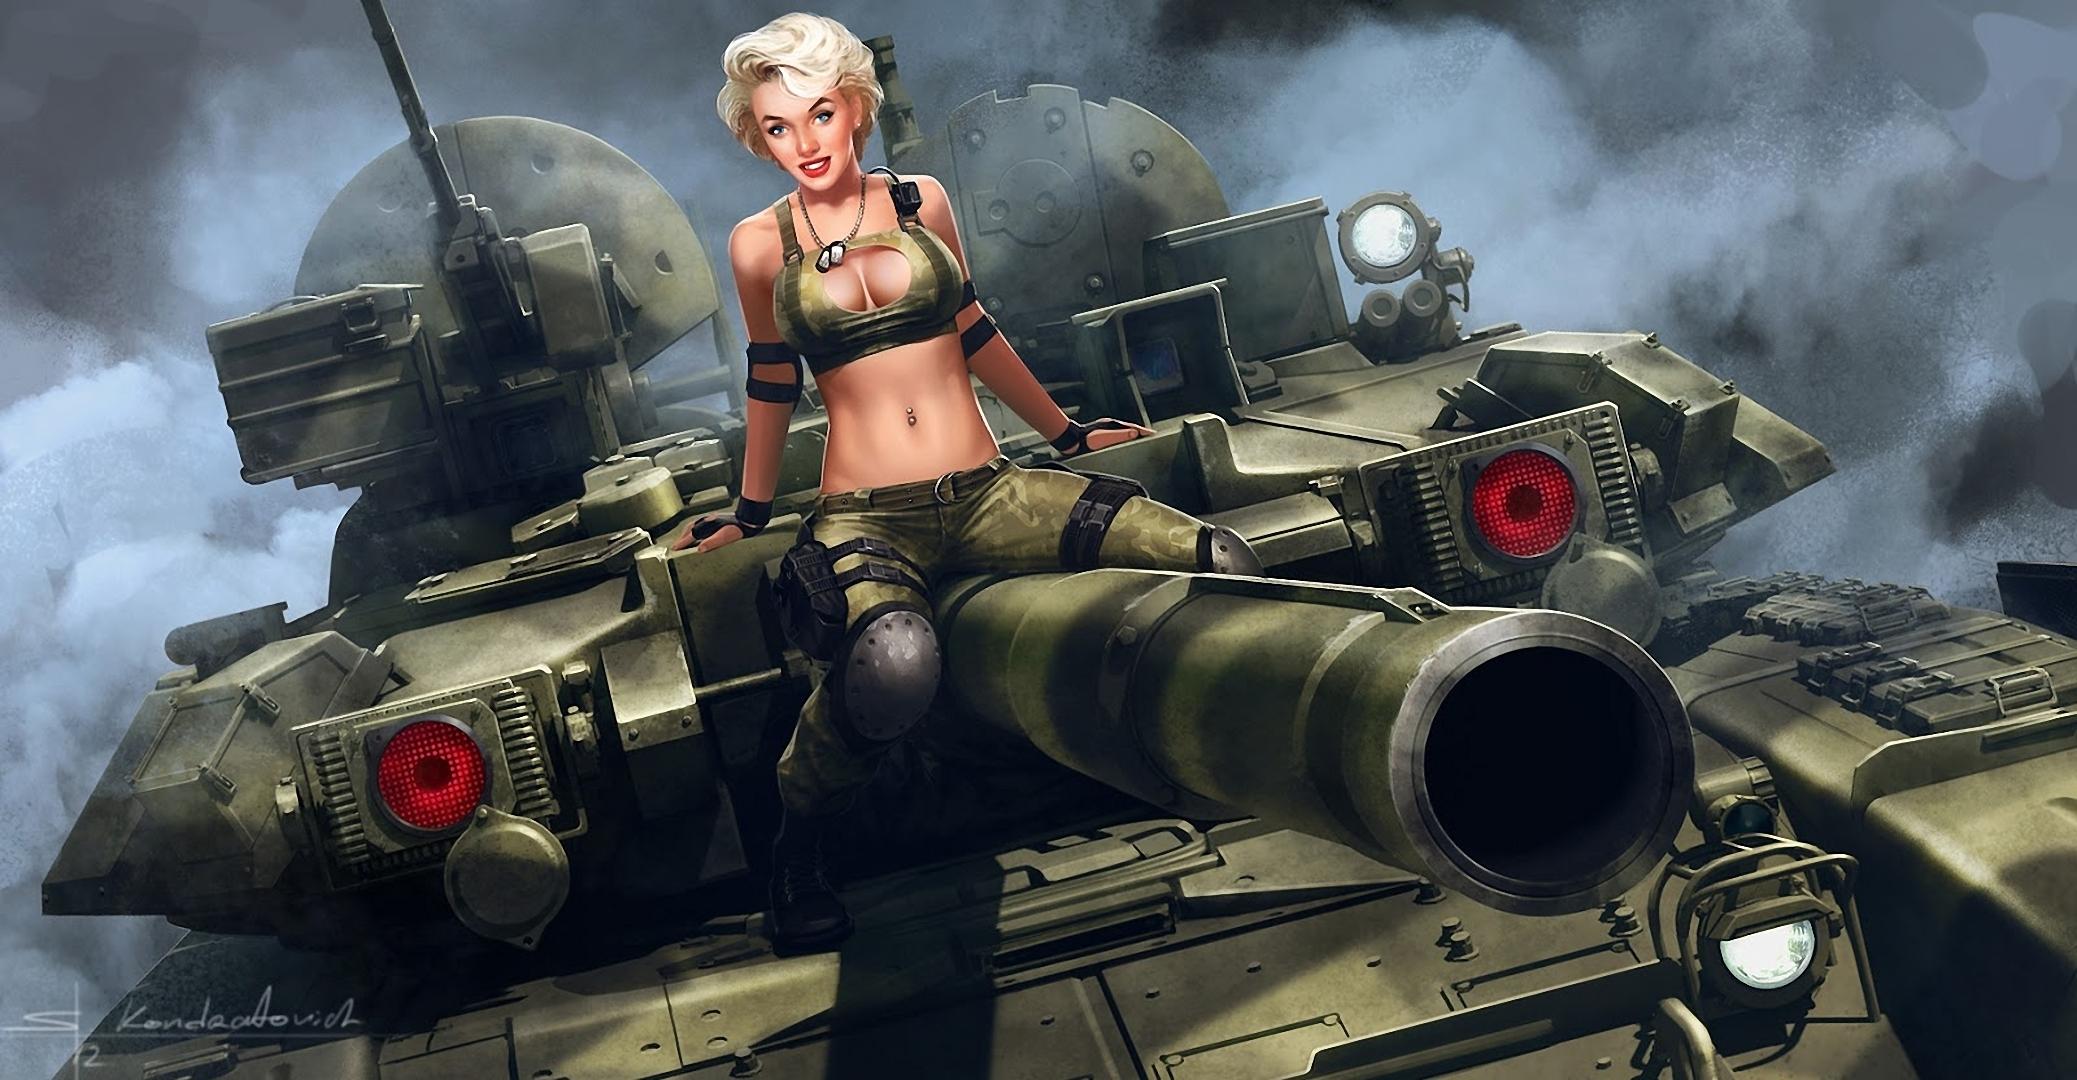 девушка на танке